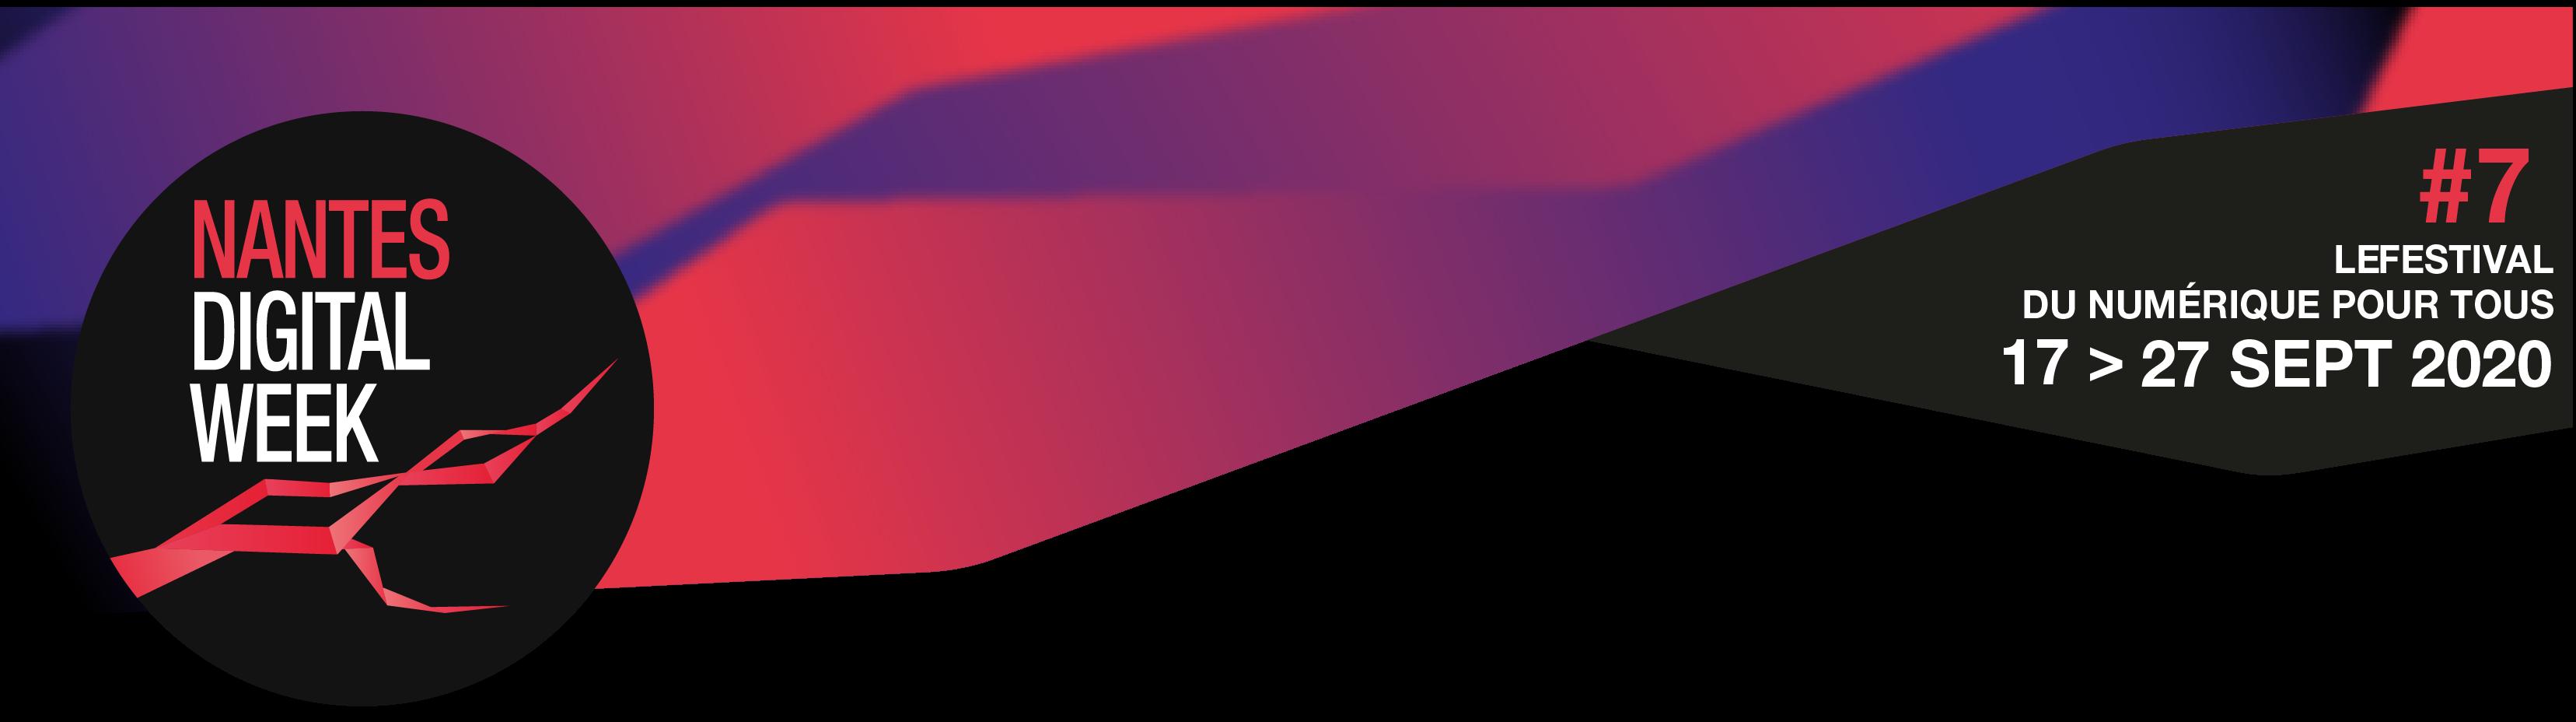 NANTES DIGITAL WEEK 2020 // RGPD et données de santé